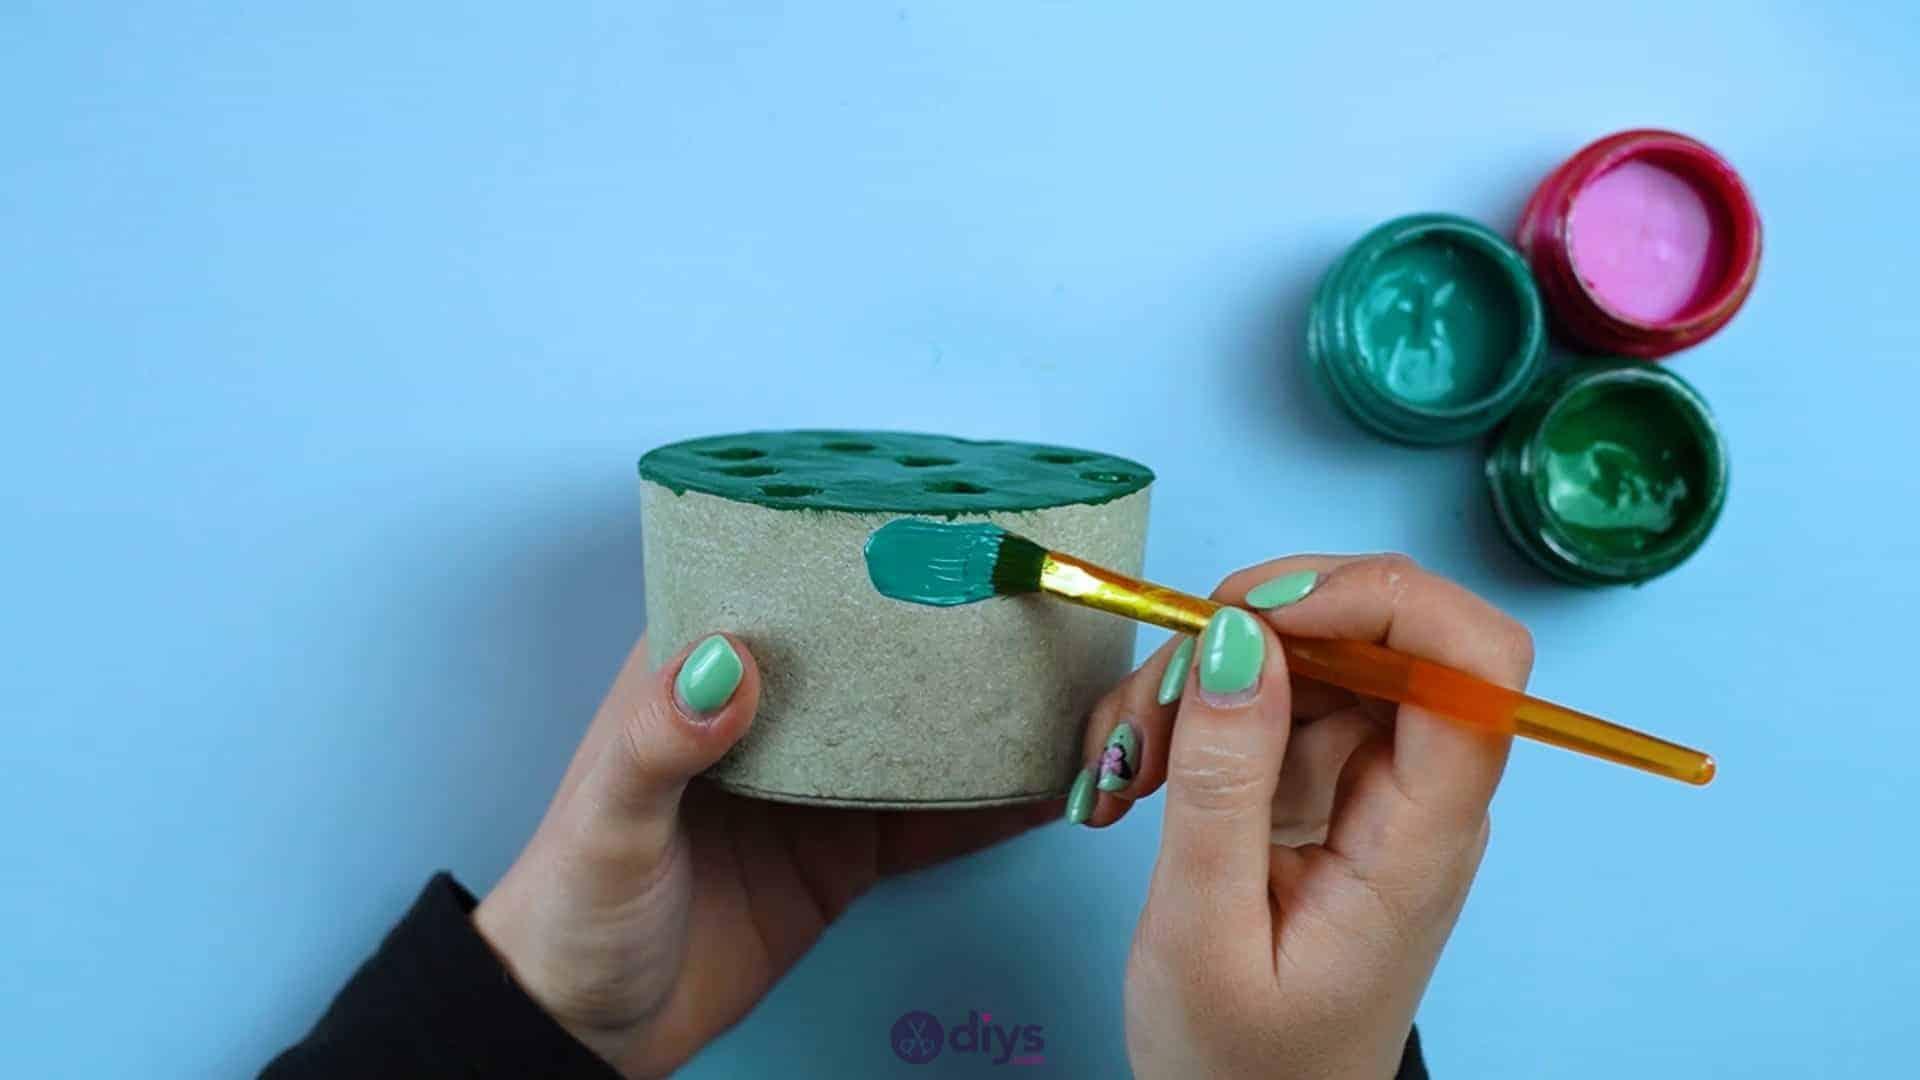 Diy concrete pencil holder step 6i